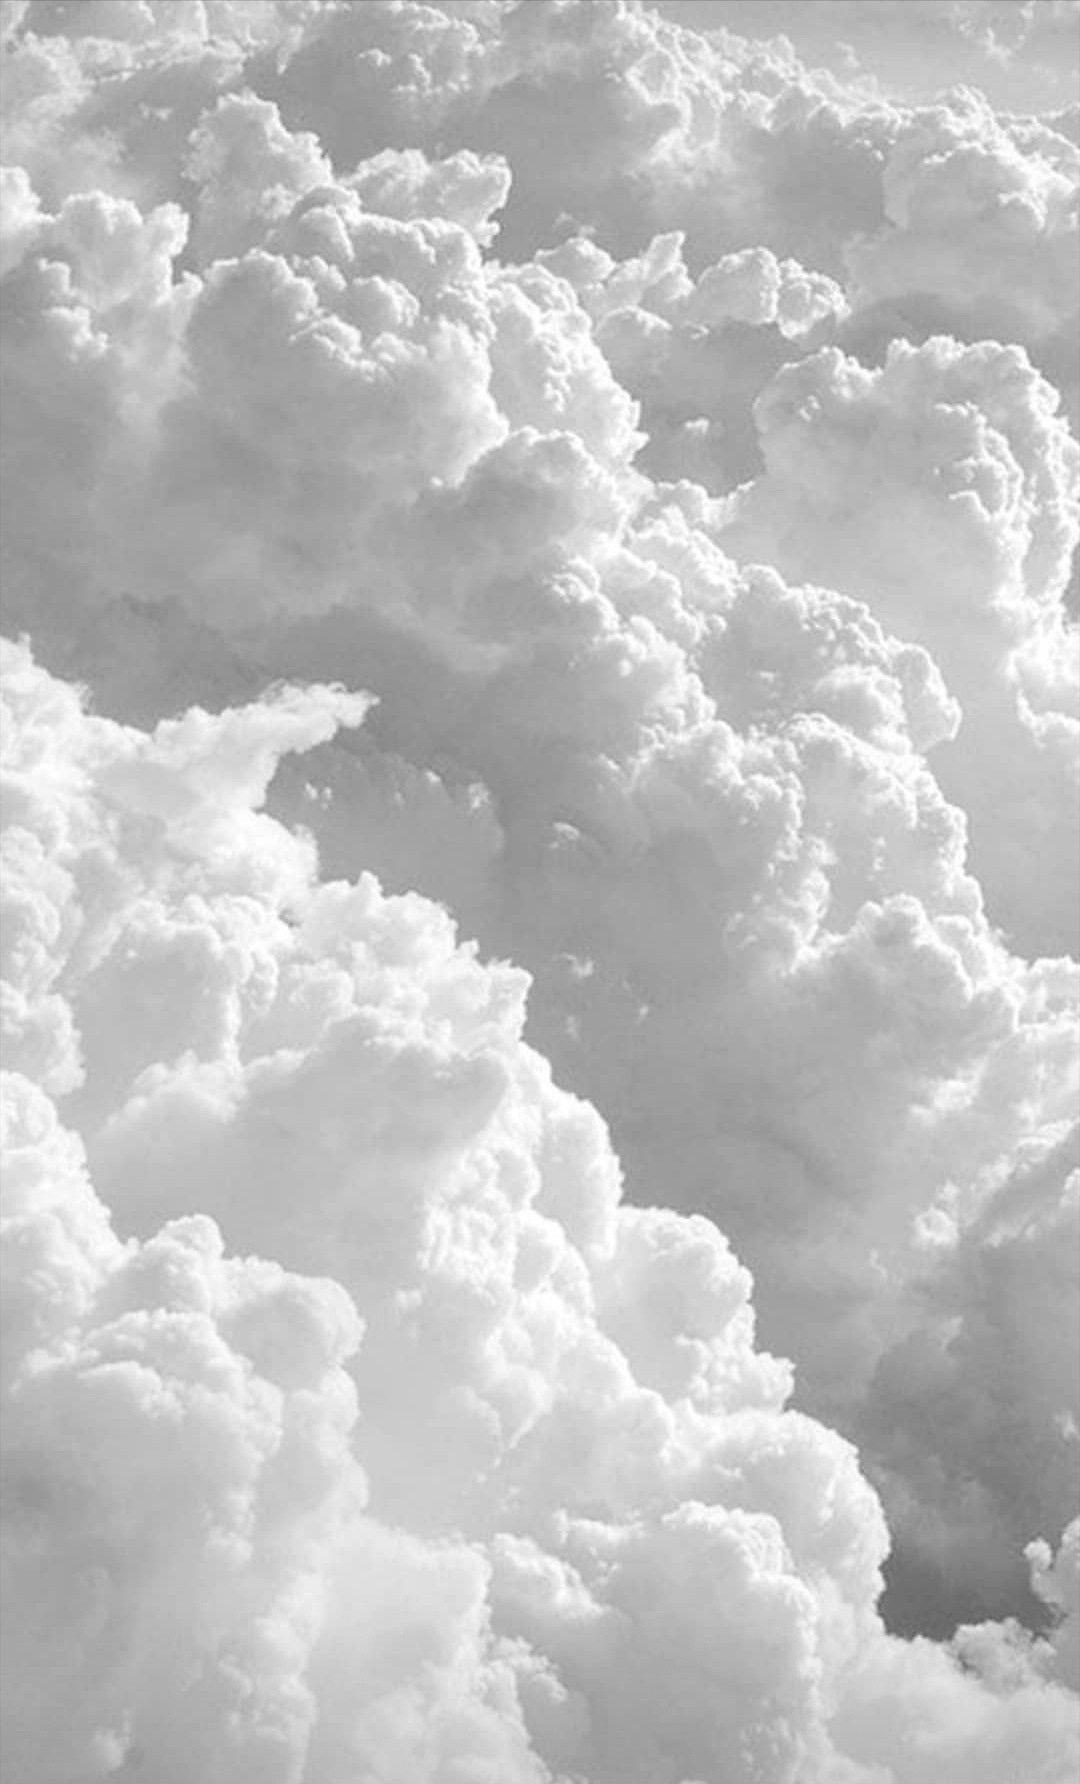 Epingle Par Amaya Sur Collage En 2020 Fond D Ecran Telephone Fond D Ecran Nuage Fond D Ecran Cloud